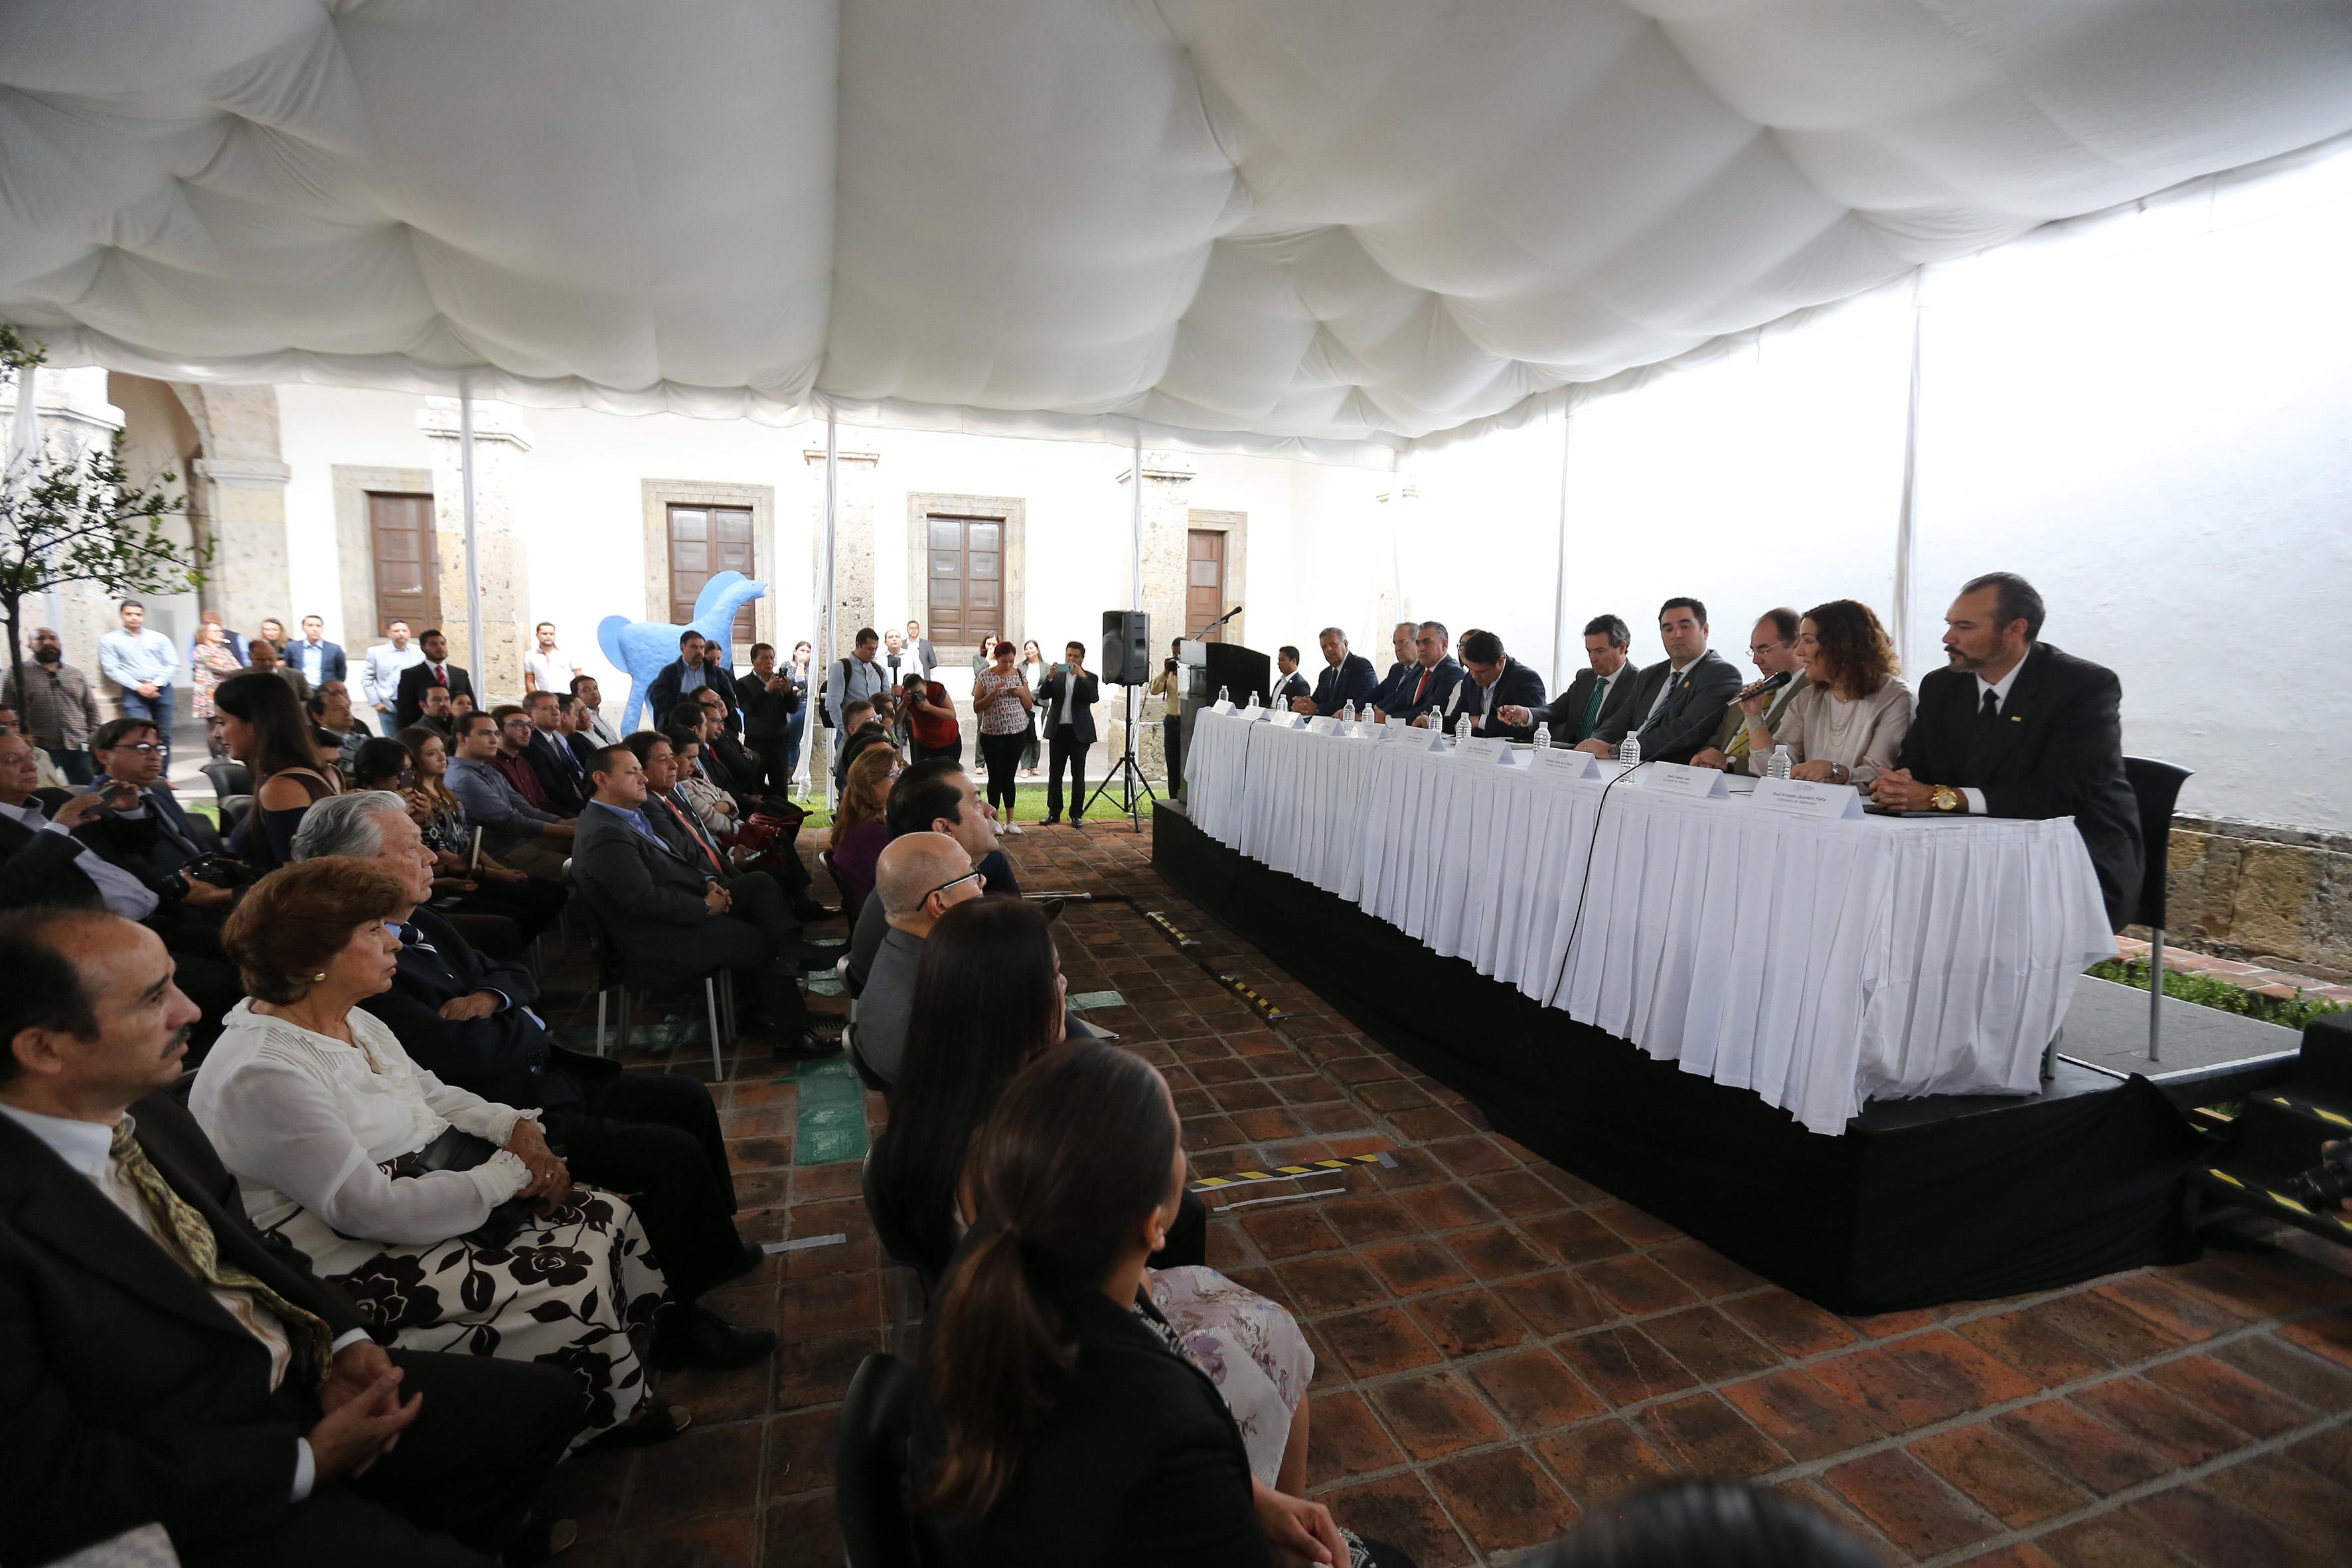 Ceremonia de toma de protesta, para los integrantes del Comité de Participación Social del Sistema Estatal Anticorrupción, en las instalaciones del Instituto Cultural Cabañas.